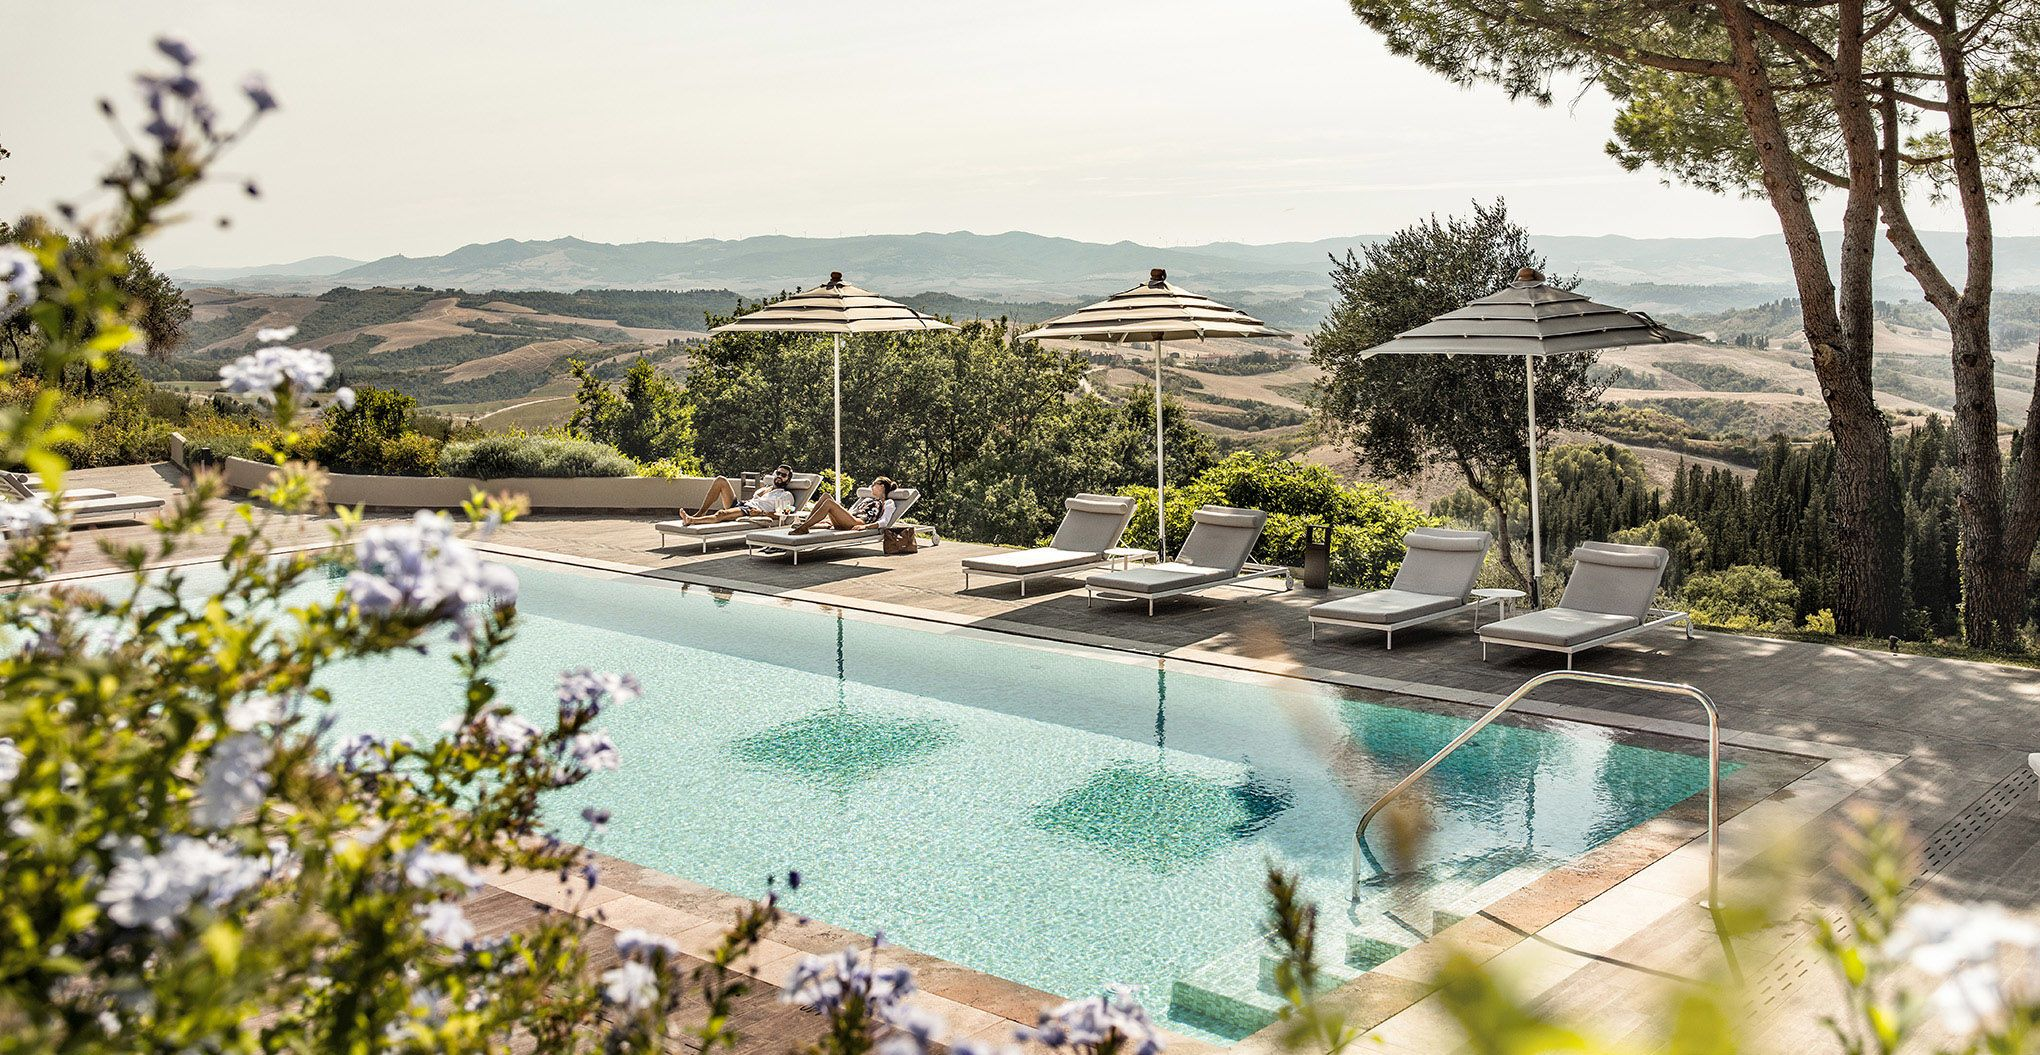 Schwimmen mit Blick auf die herrliche Landschaft der Toskana? Kein Problem im Outdoor-Pool des Il Castelfalfi